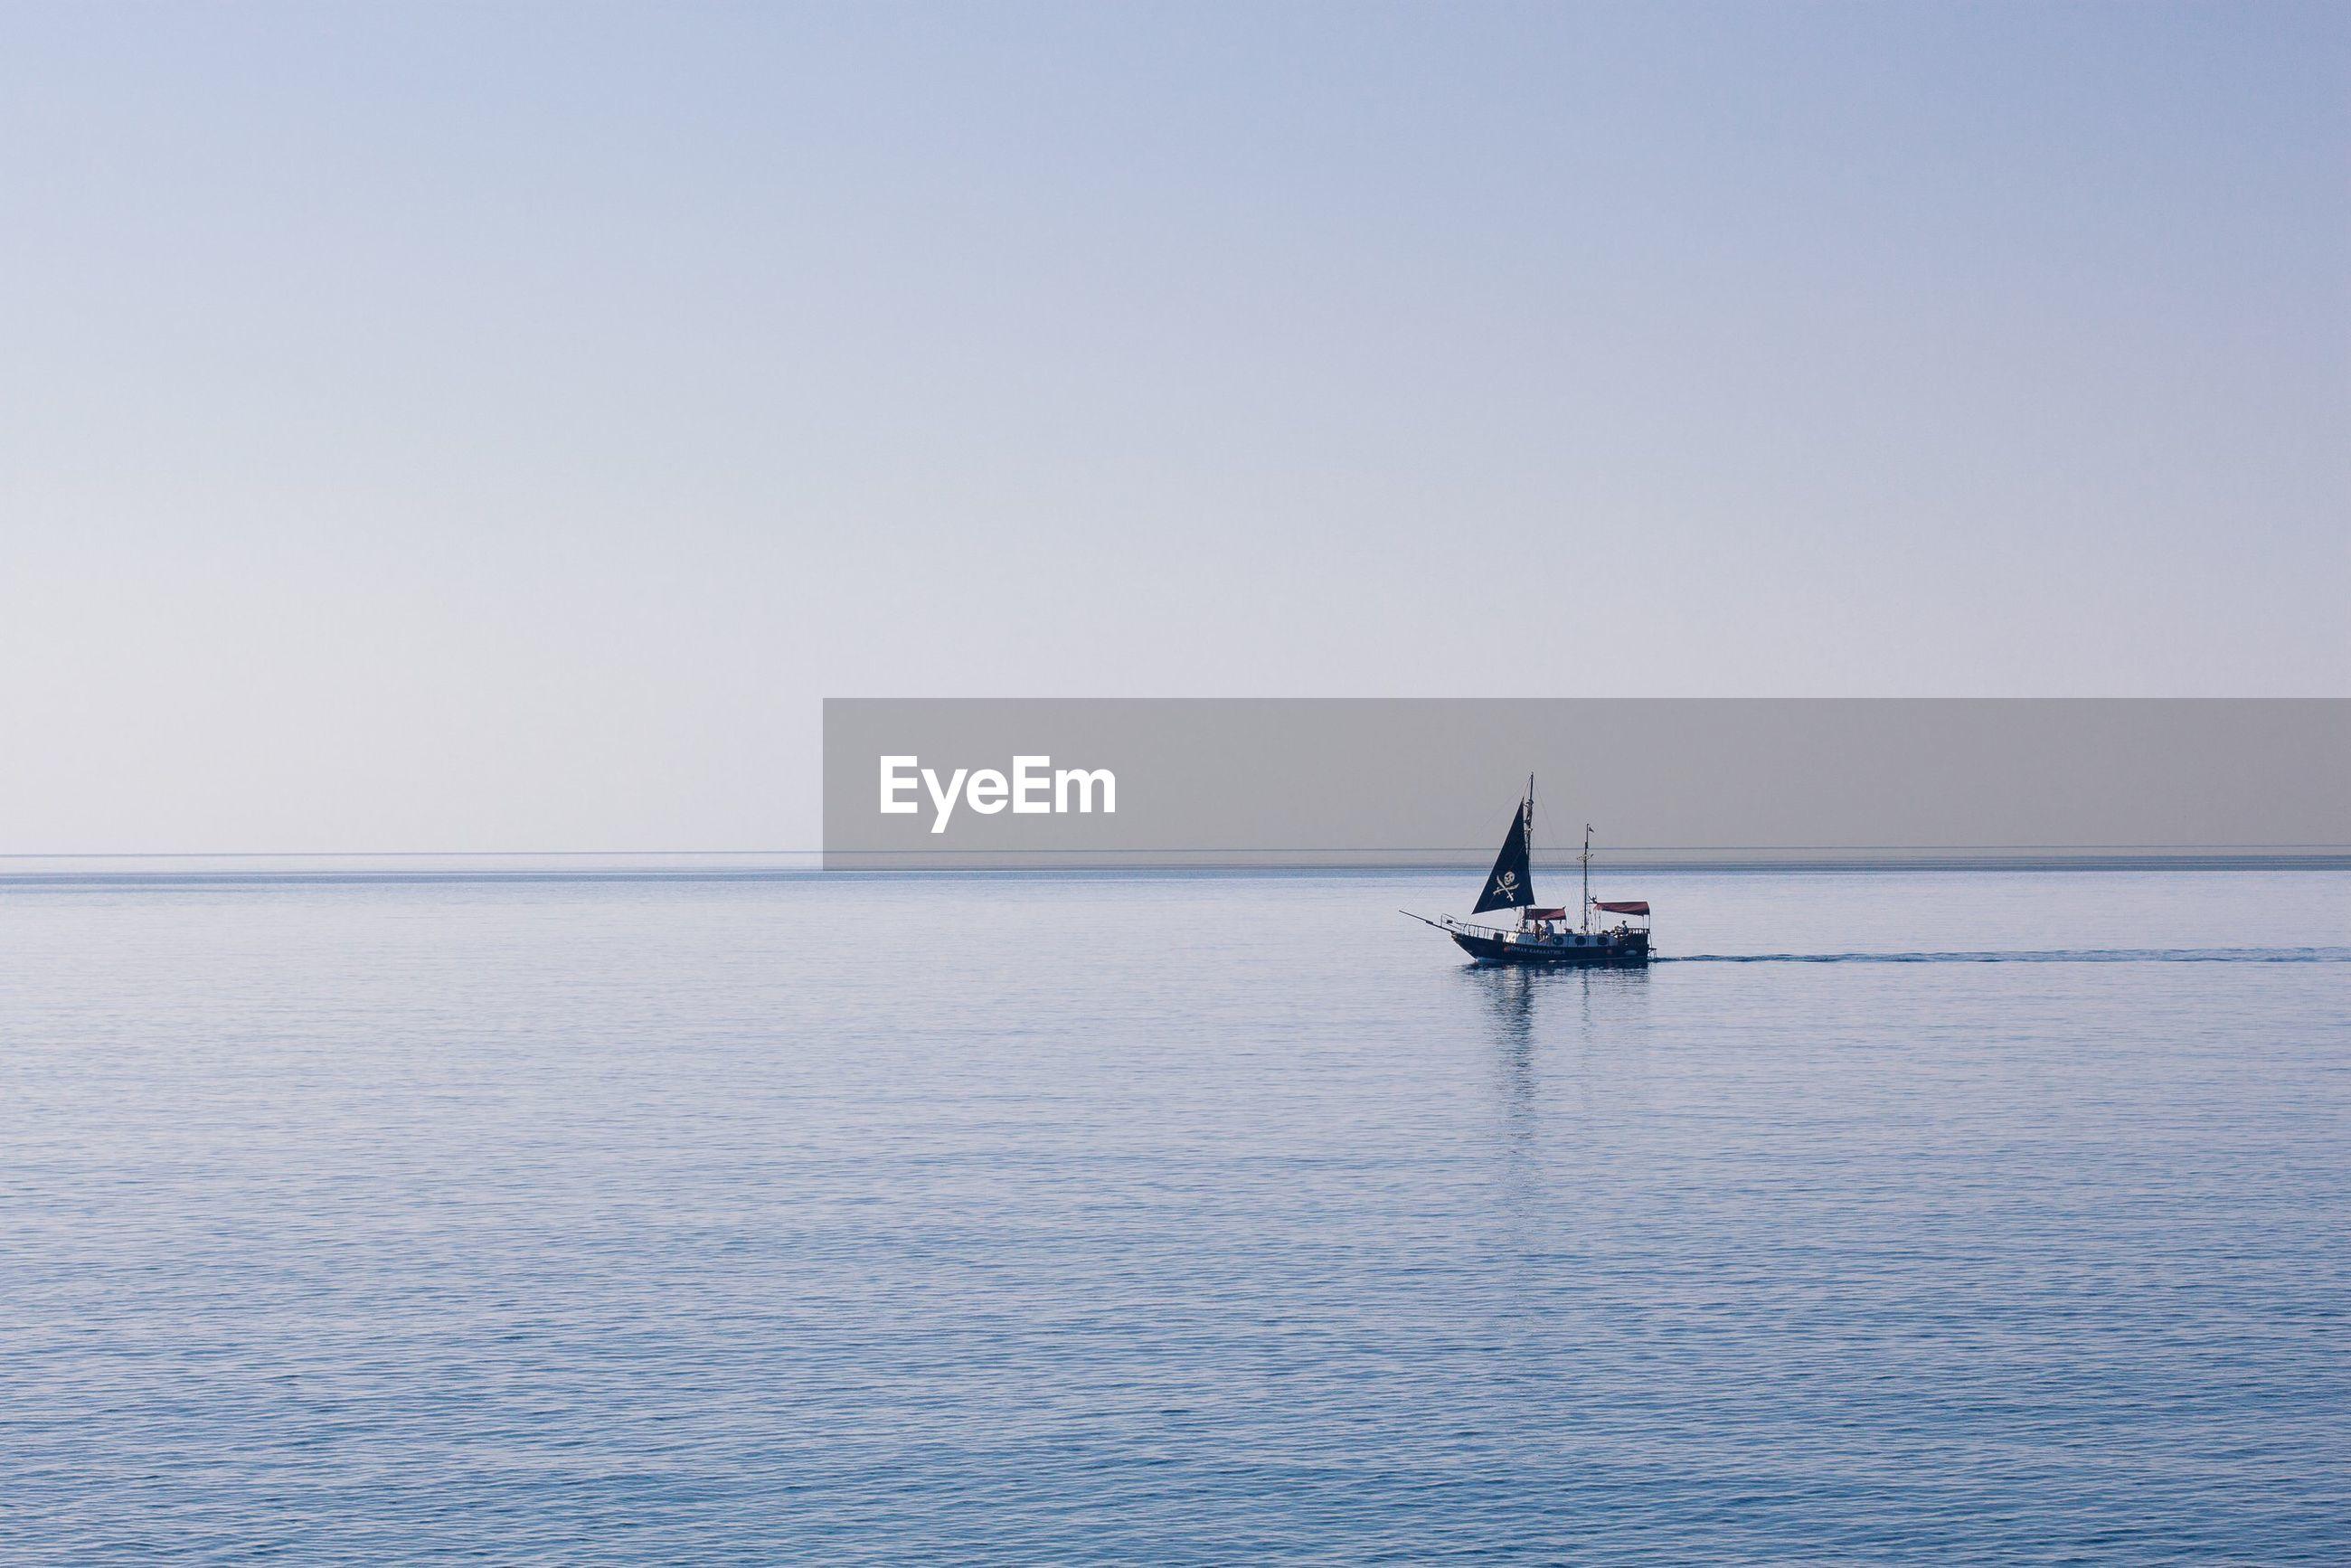 Nautical on sea against clear sky